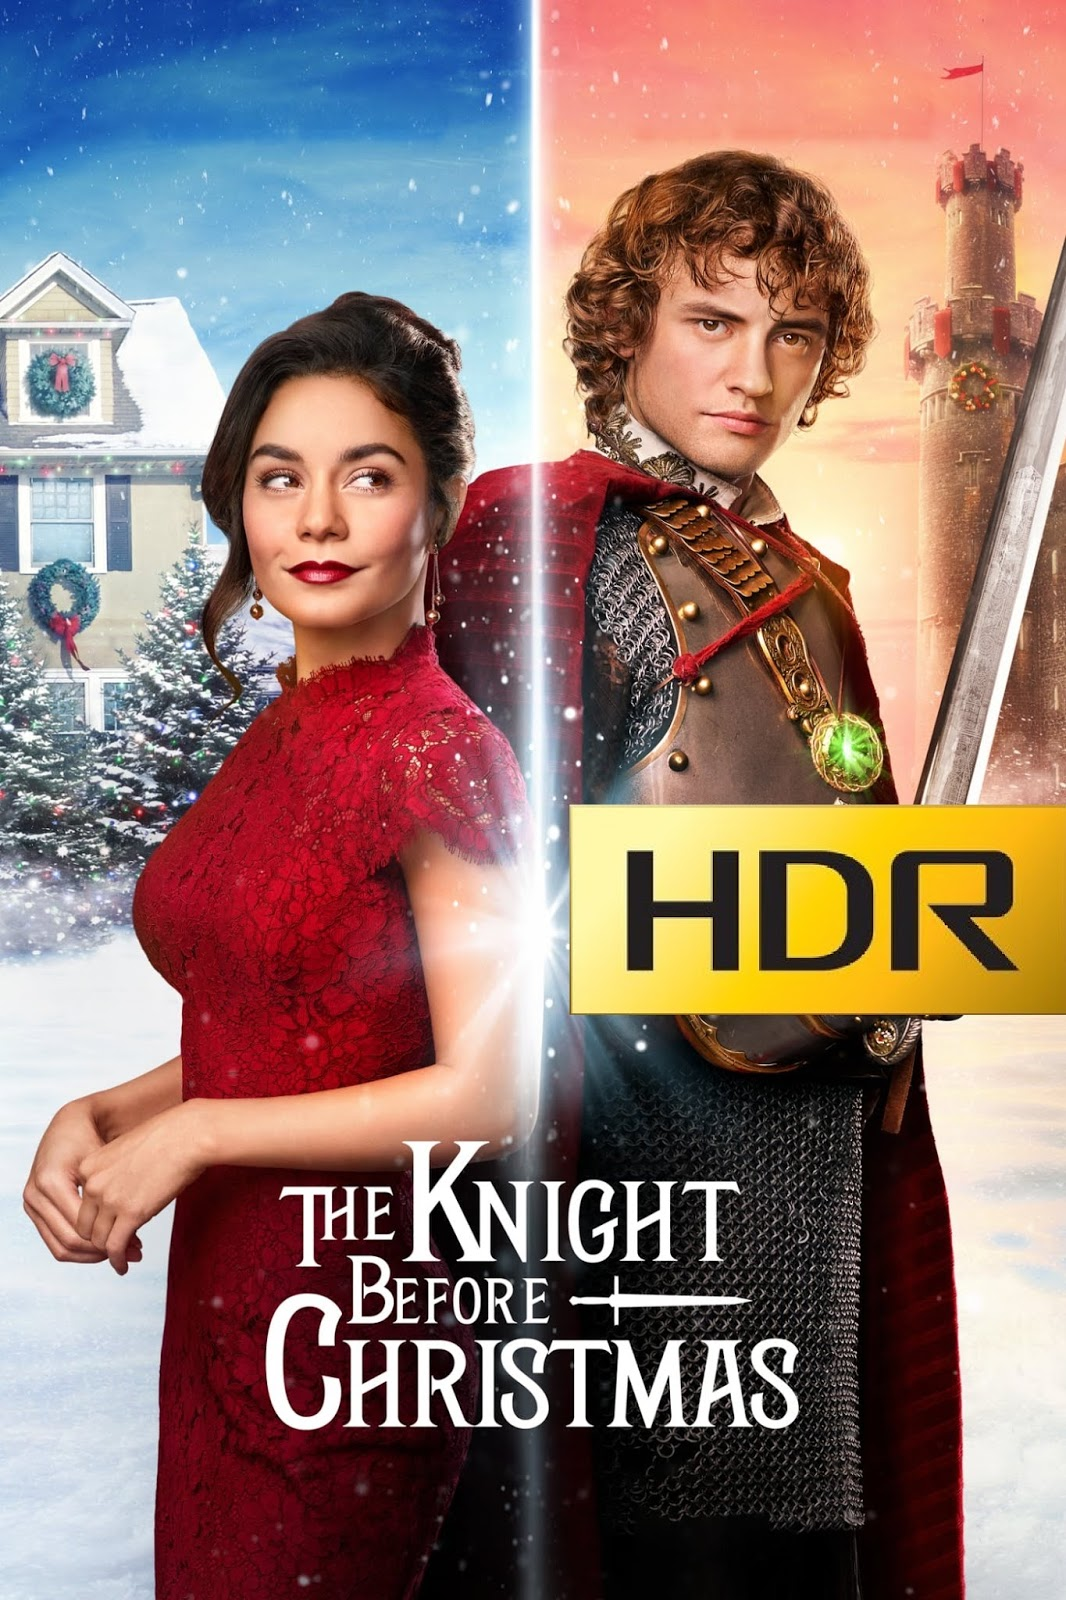 El caballero de la Navidad (2019) NF WEB-DL 1080p HDR Latino